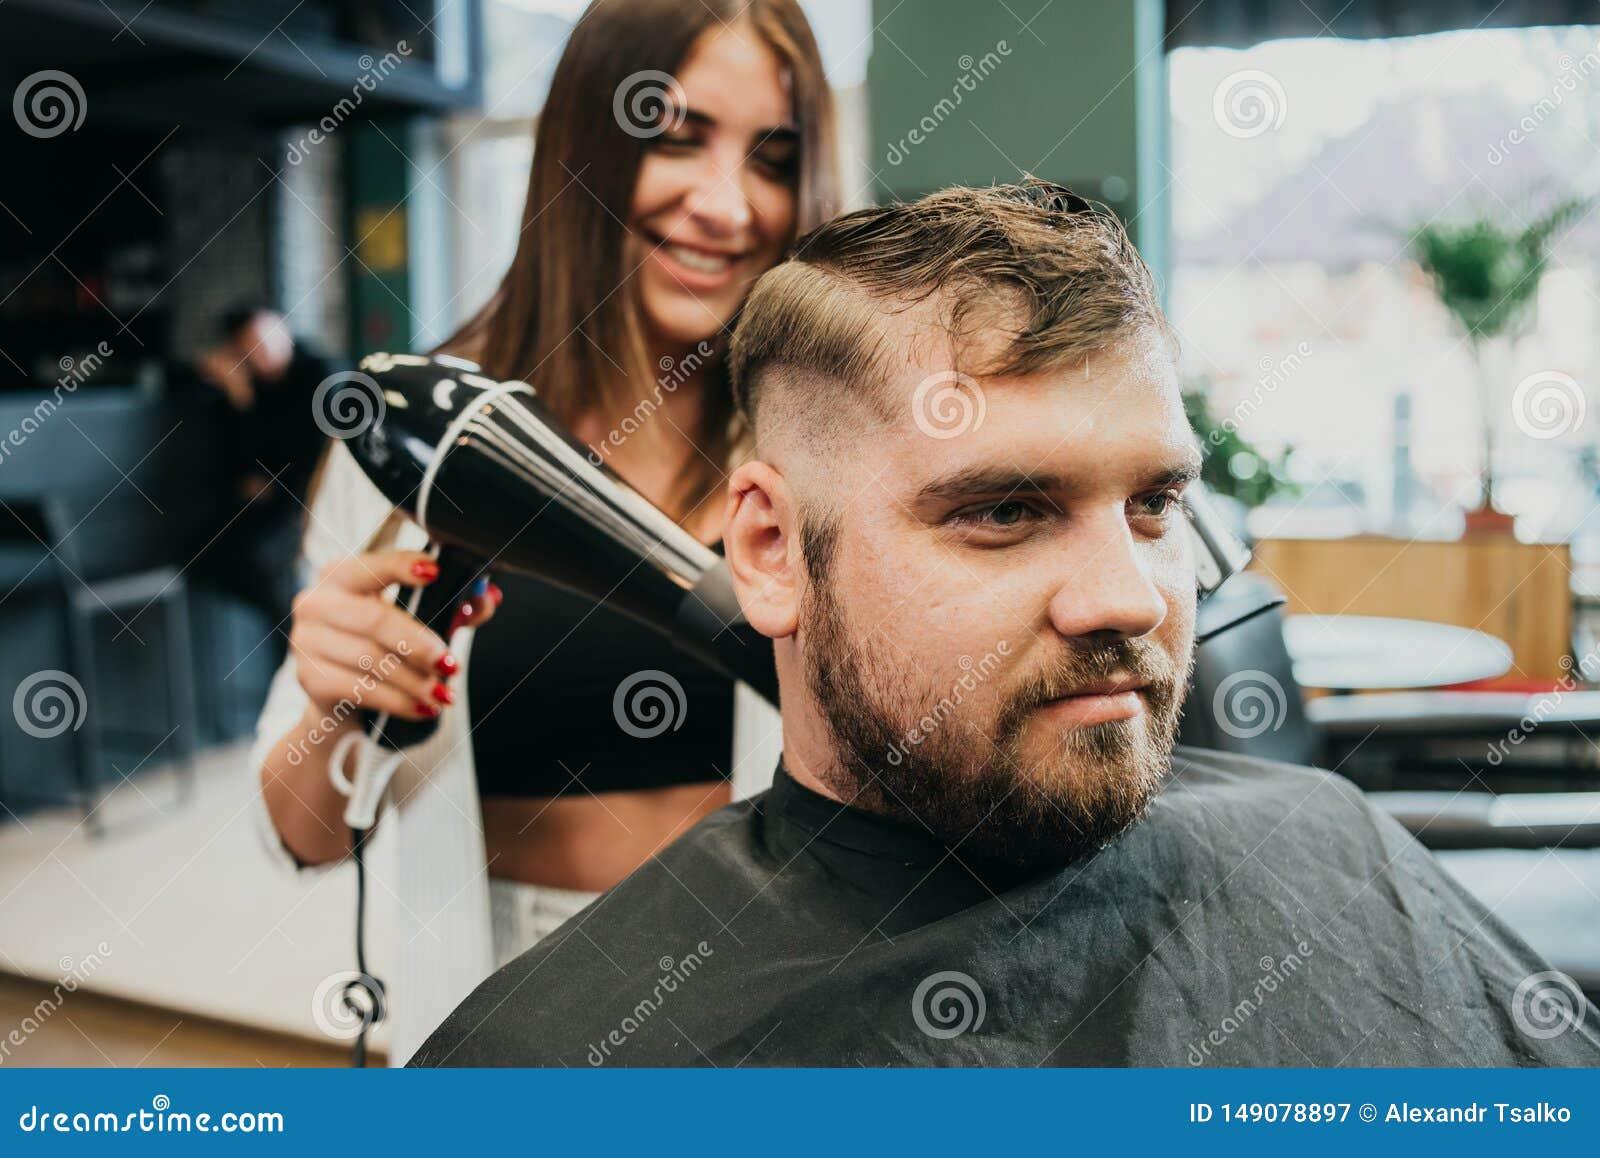 女孩美发师干毛发给沙龙的一个人